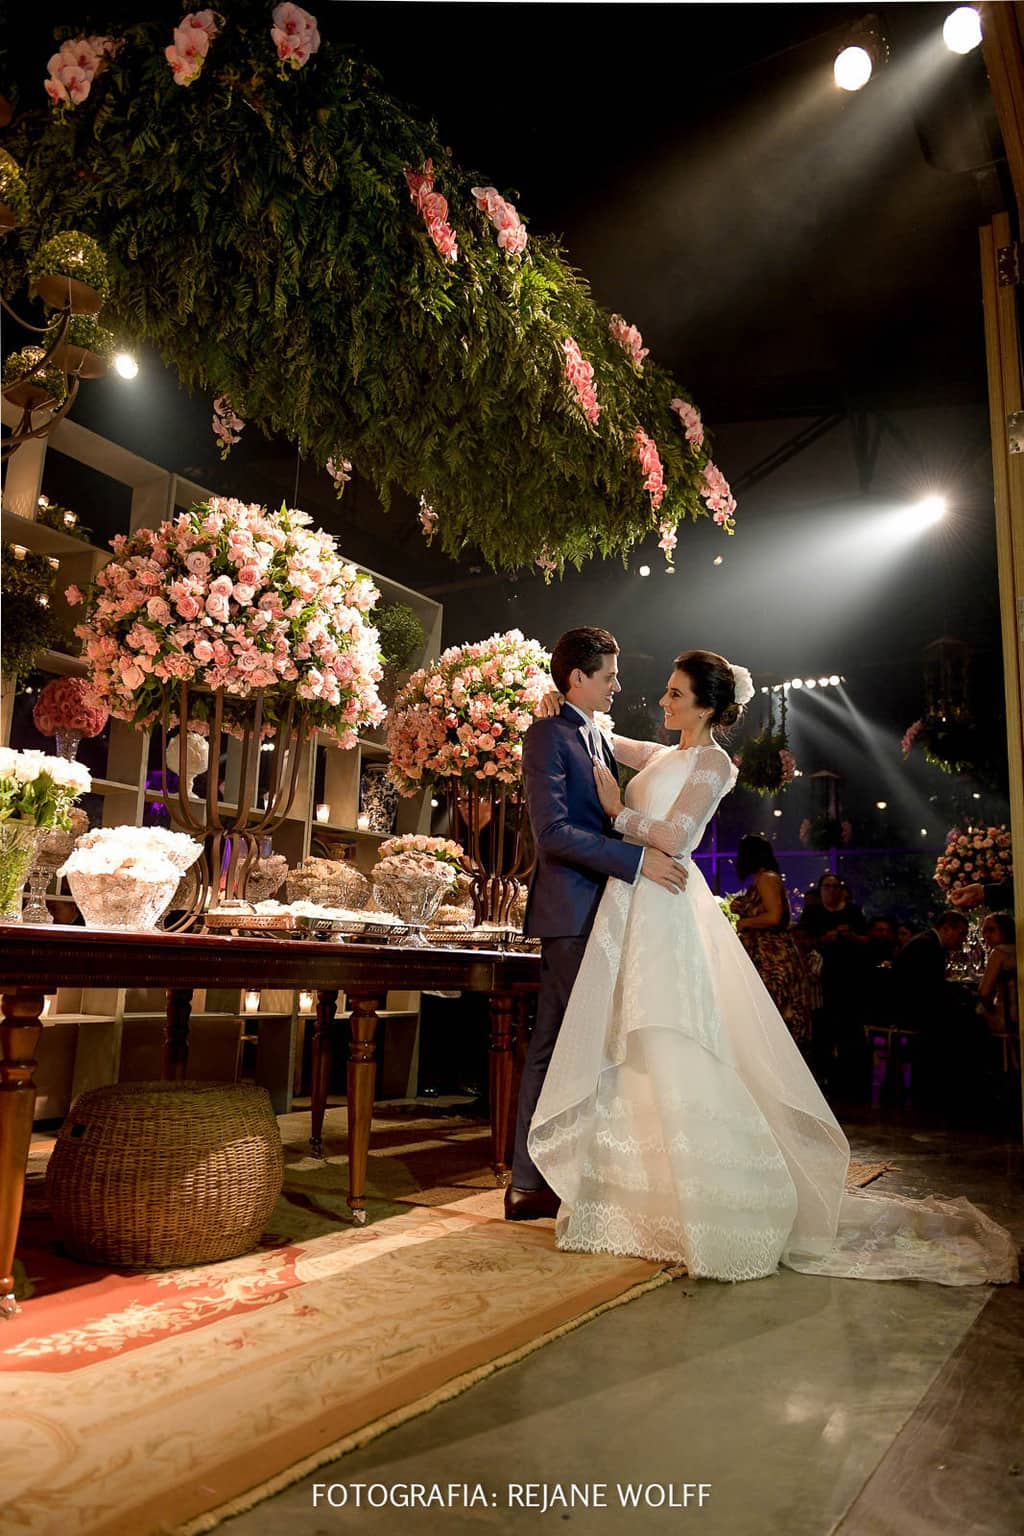 Casamento-Verane-e-Bruno-fotografia-Rejane-Wolff-hora-do-buque-Rej-Terras-de-Clara25